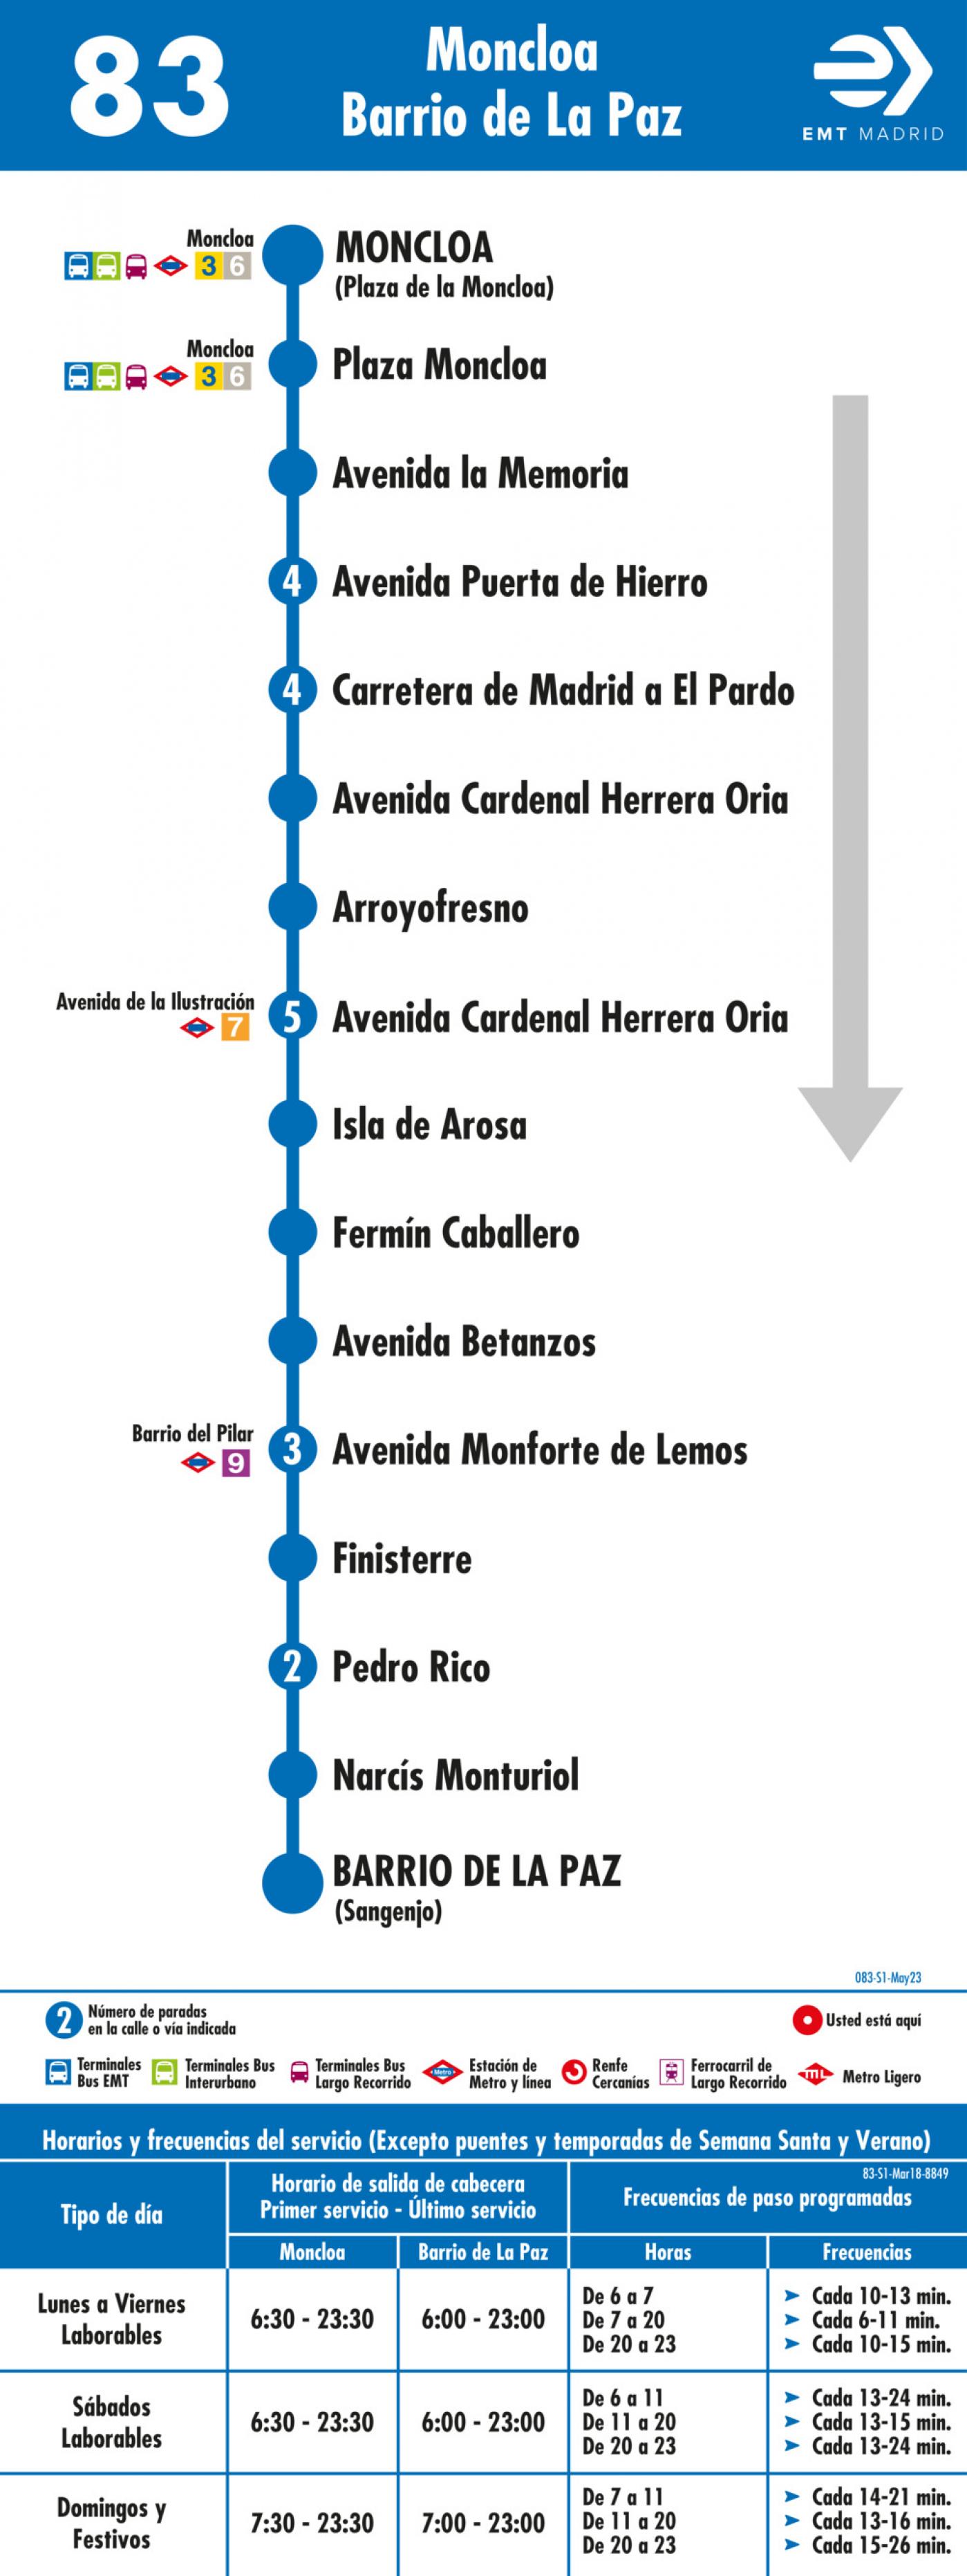 Tabla de horarios y frecuencias de paso en sentido ida Línea 83: Moncloa - Barrio del Pilar